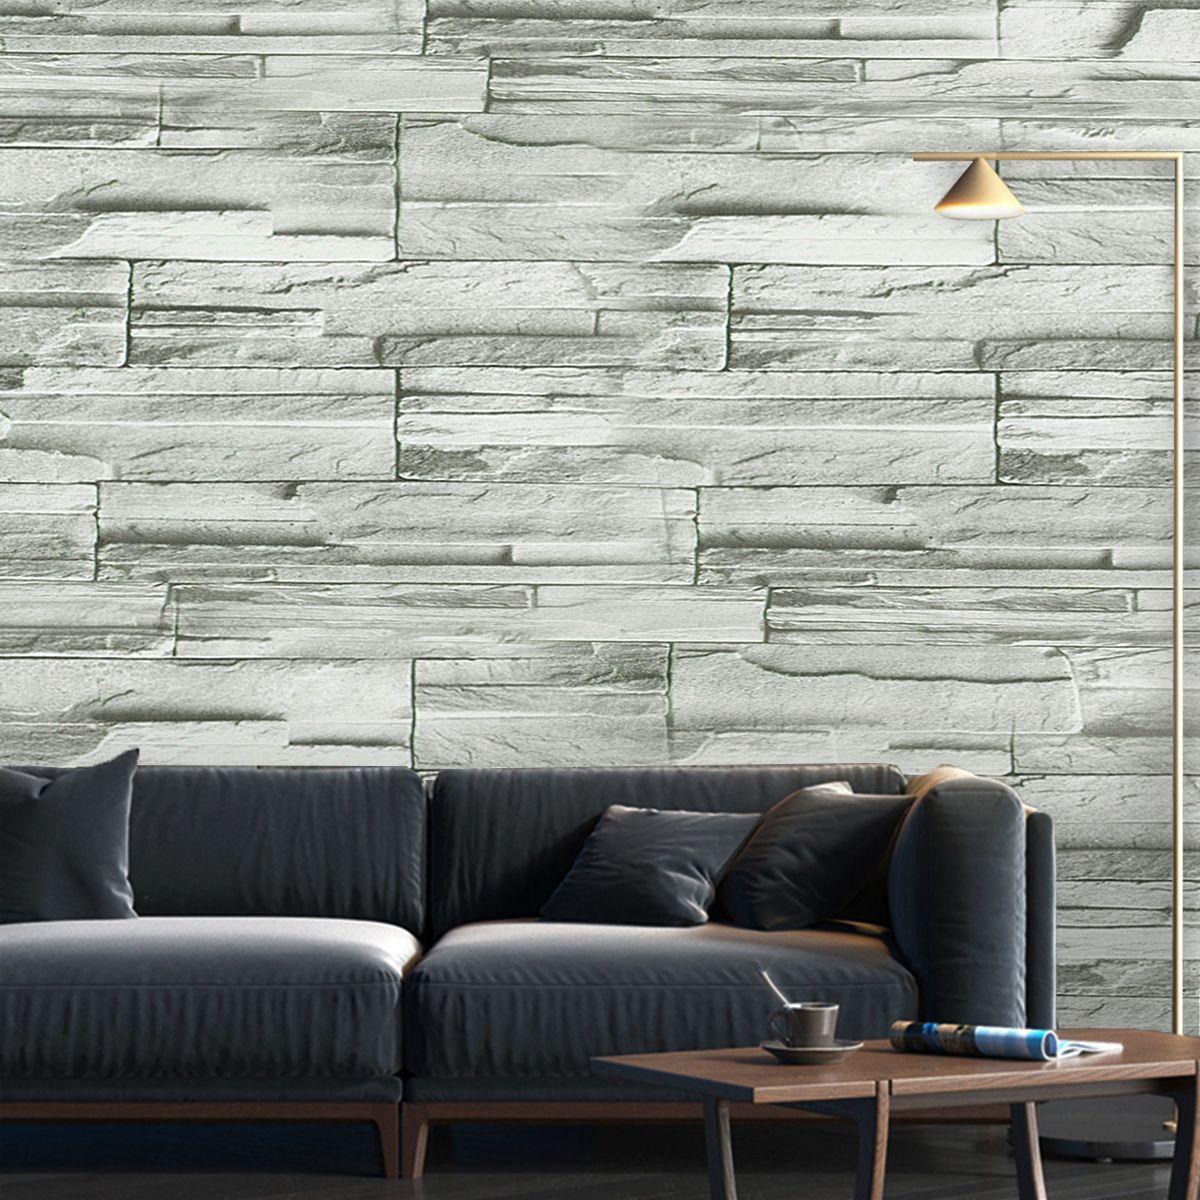 10m Rustic Grey Brick Self Adhesive Wallpaper Home Living